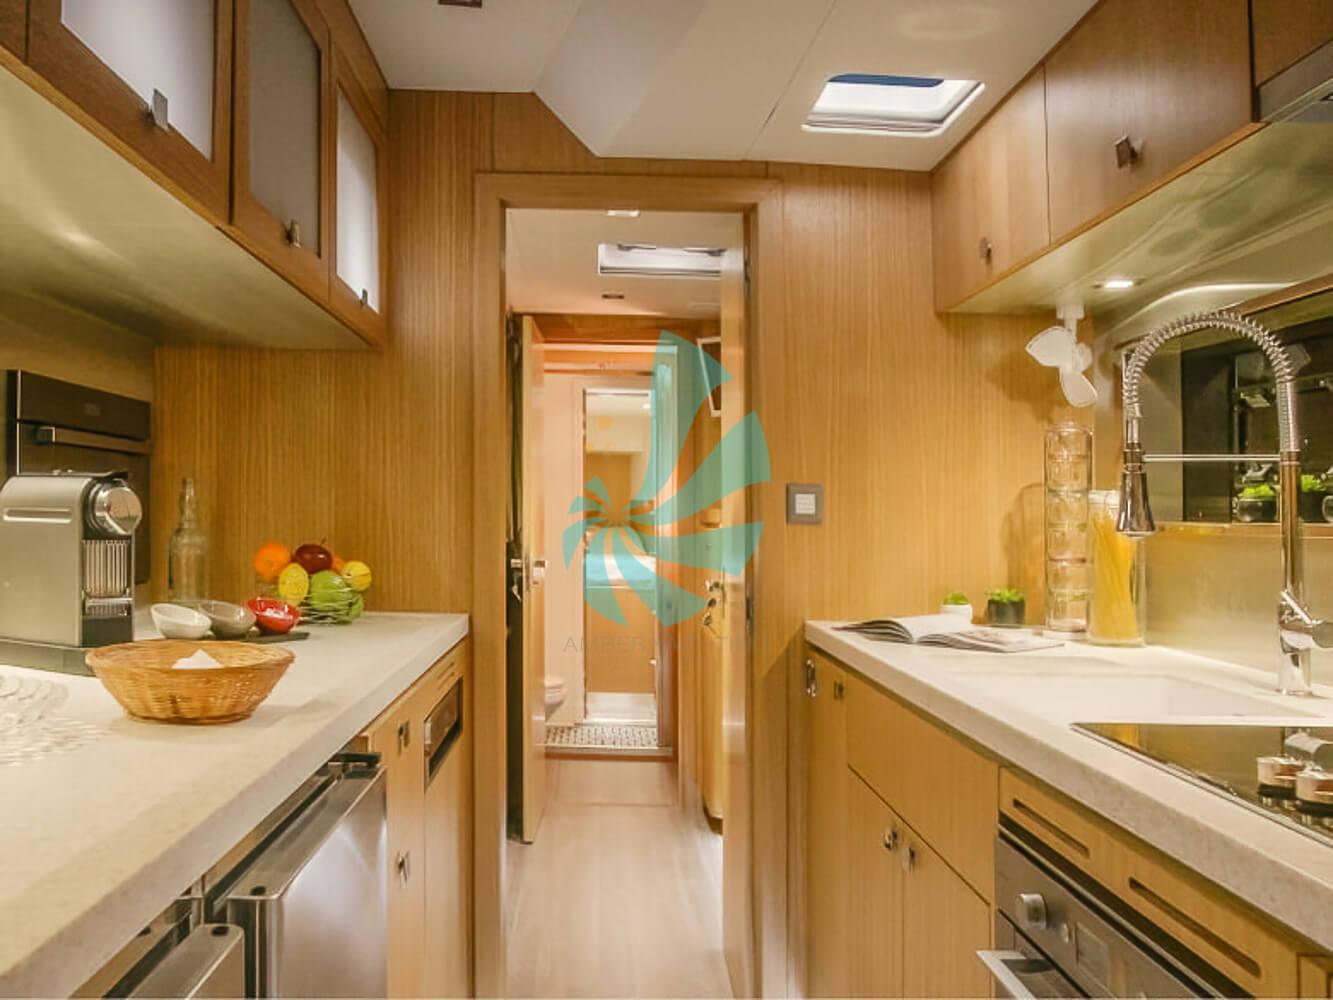 Catamaran a voile Privilege Série 6 cuisine équipée, a vendre chez www.amber-yachting.com